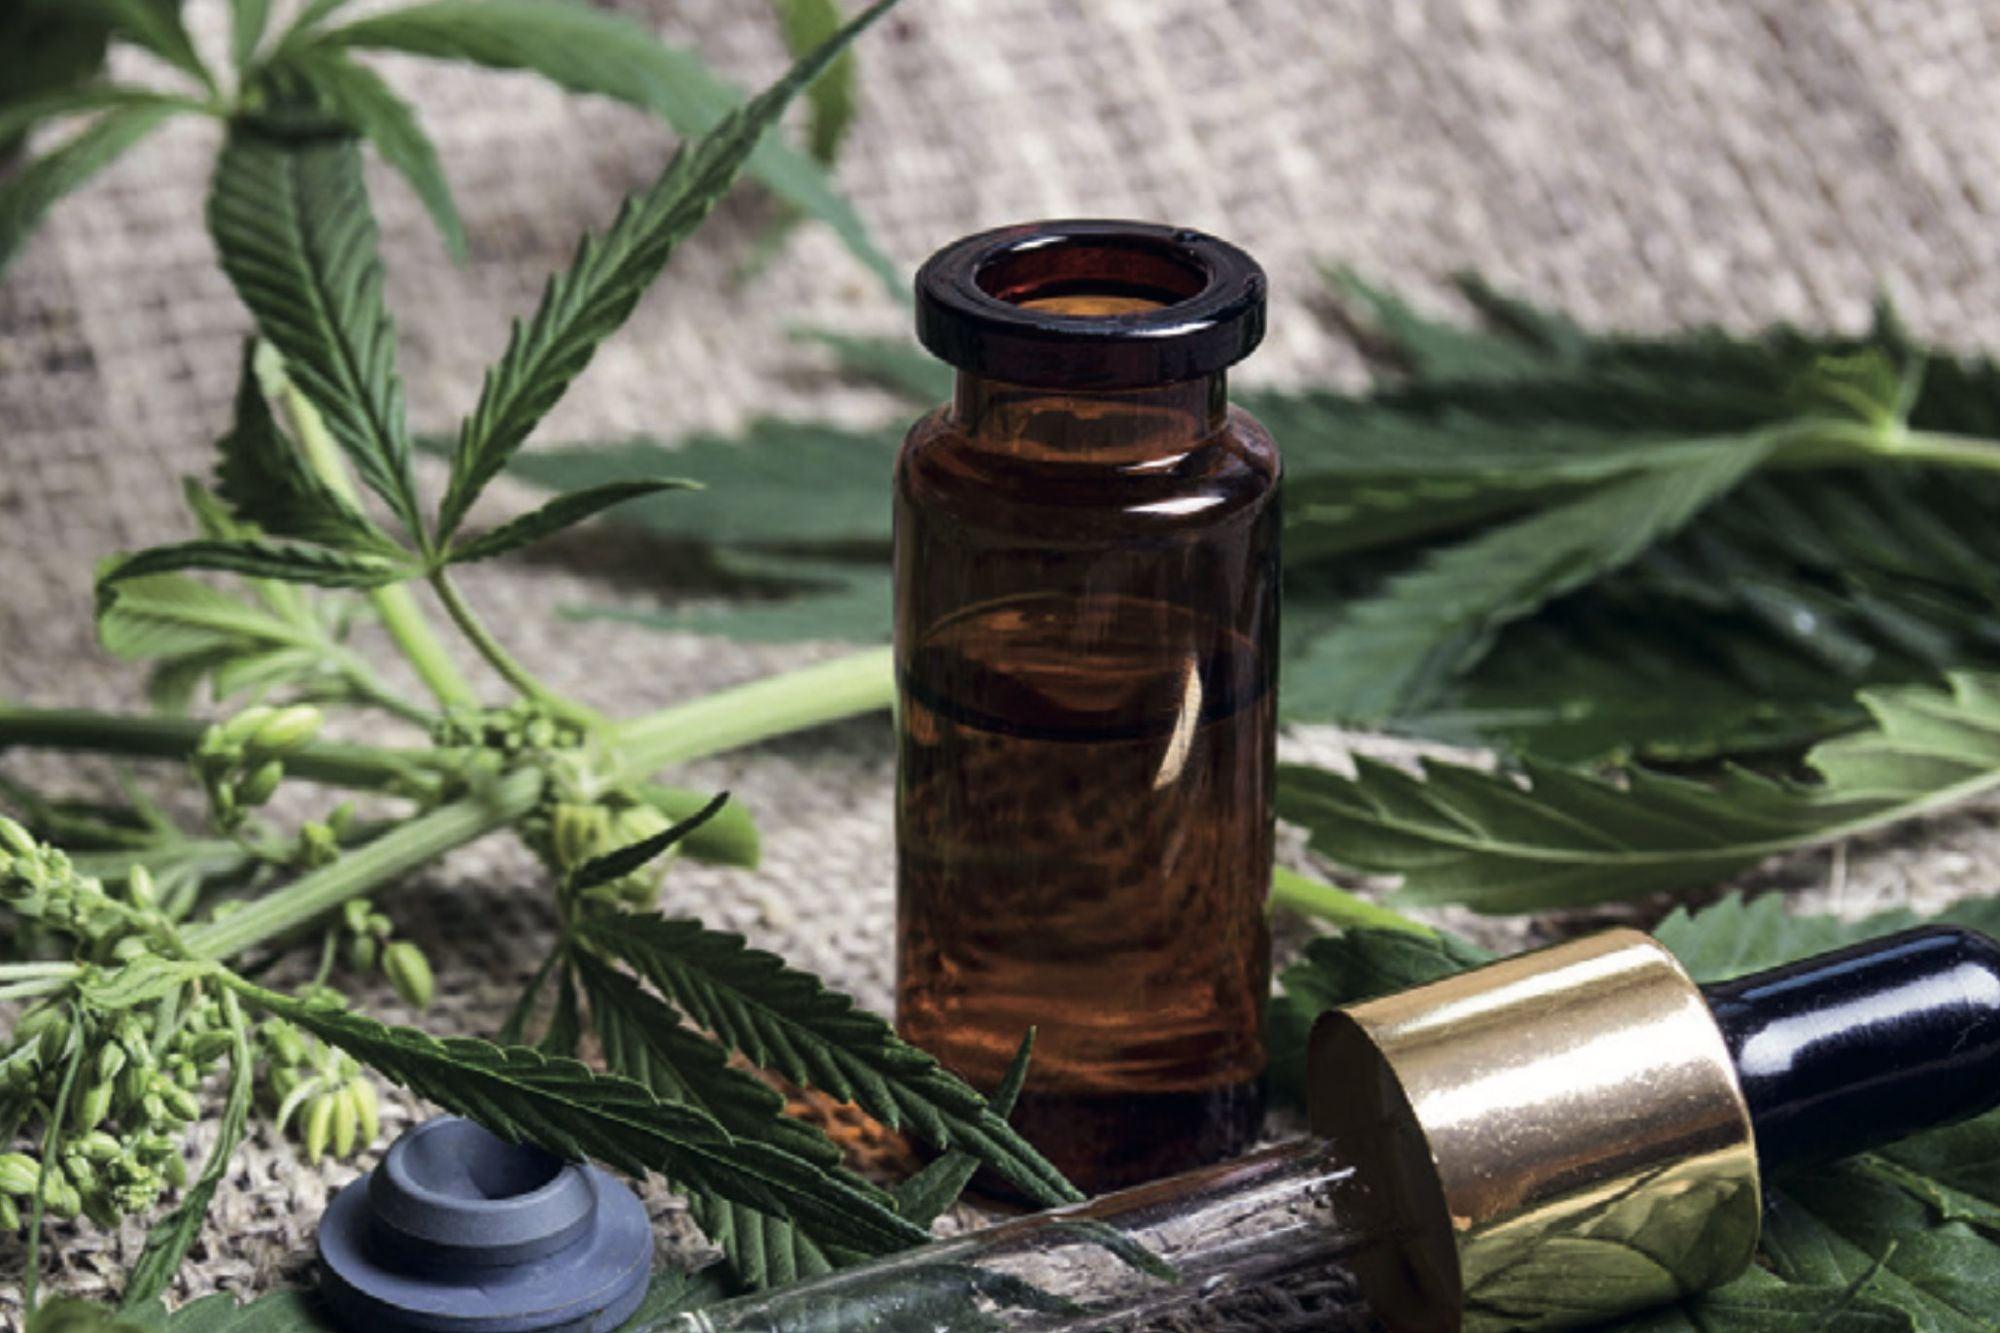 Guía sobre los efectos de la marihuana legal